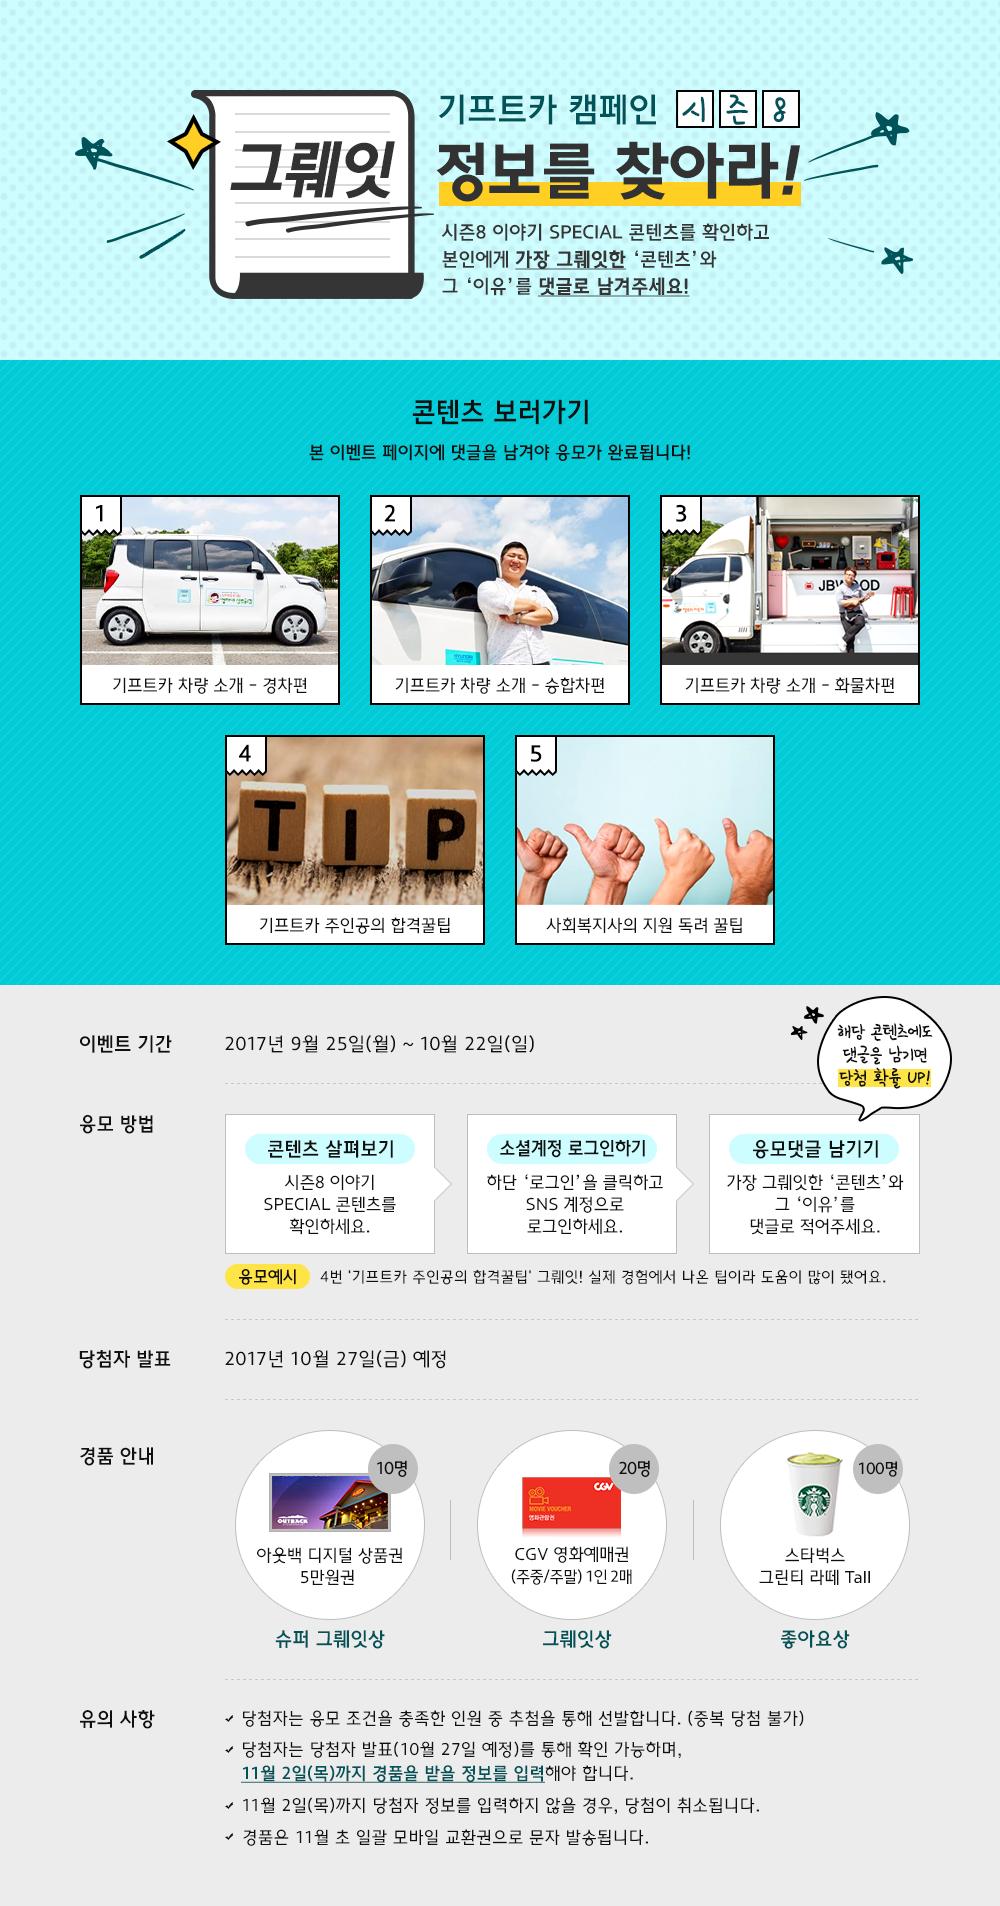 기프트카 캠페인 시즌8 | 그뤠잇 정보를 찾아라!